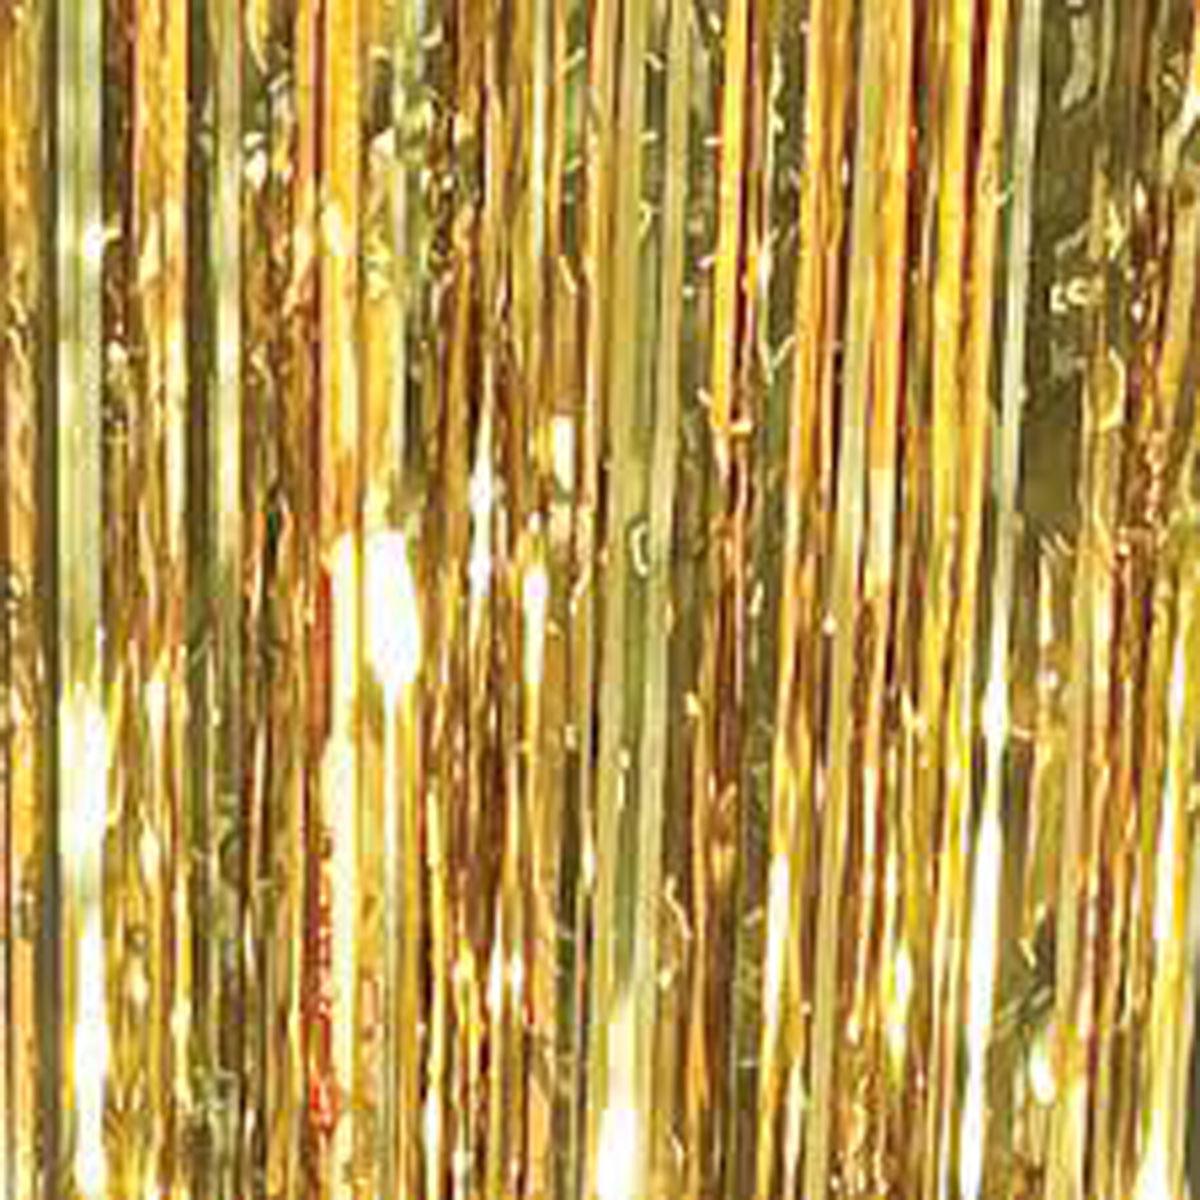 Curtains texture gold - Rain Curtains